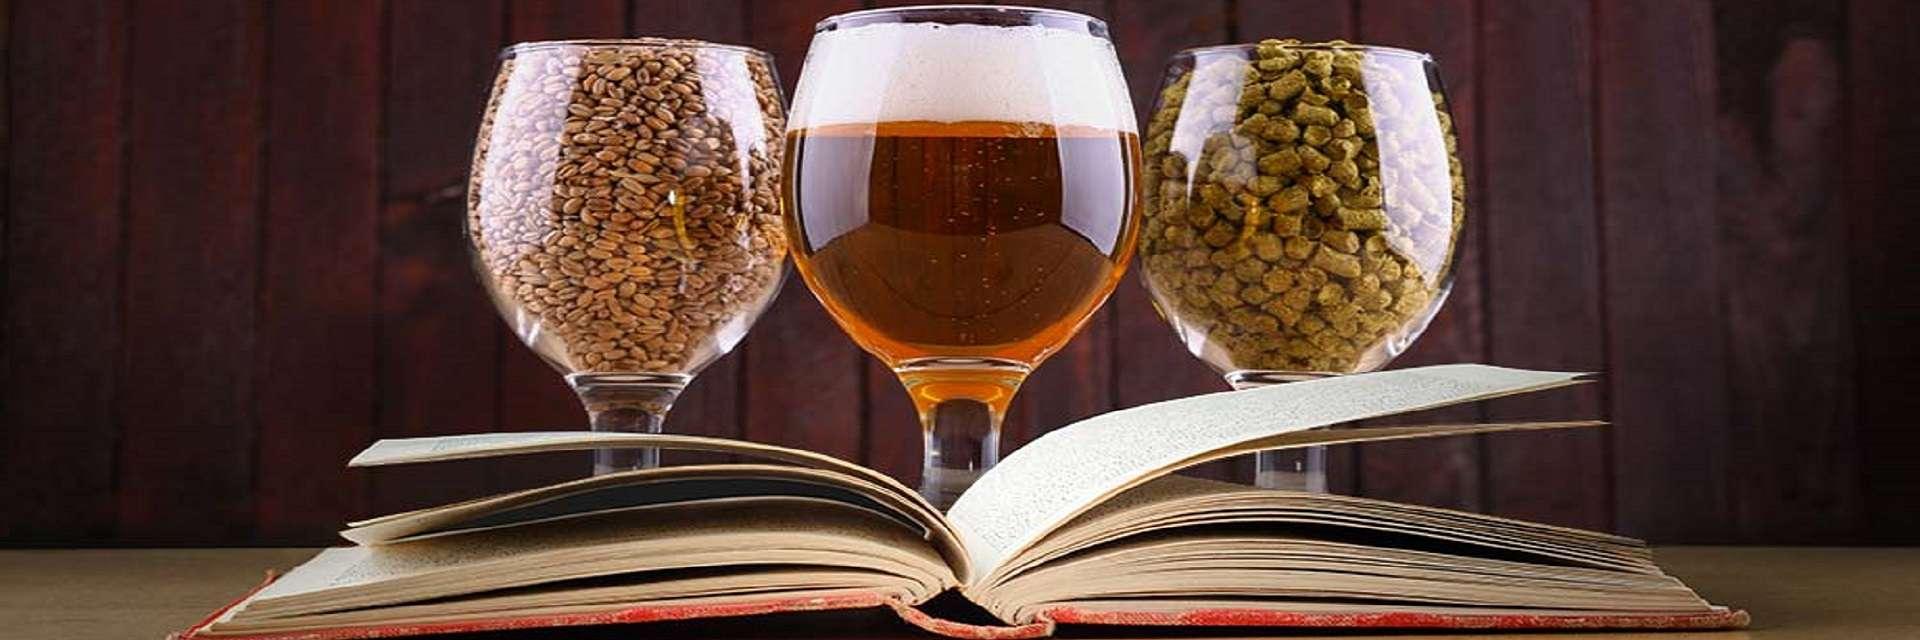 Storia della birra Leone Beer Company